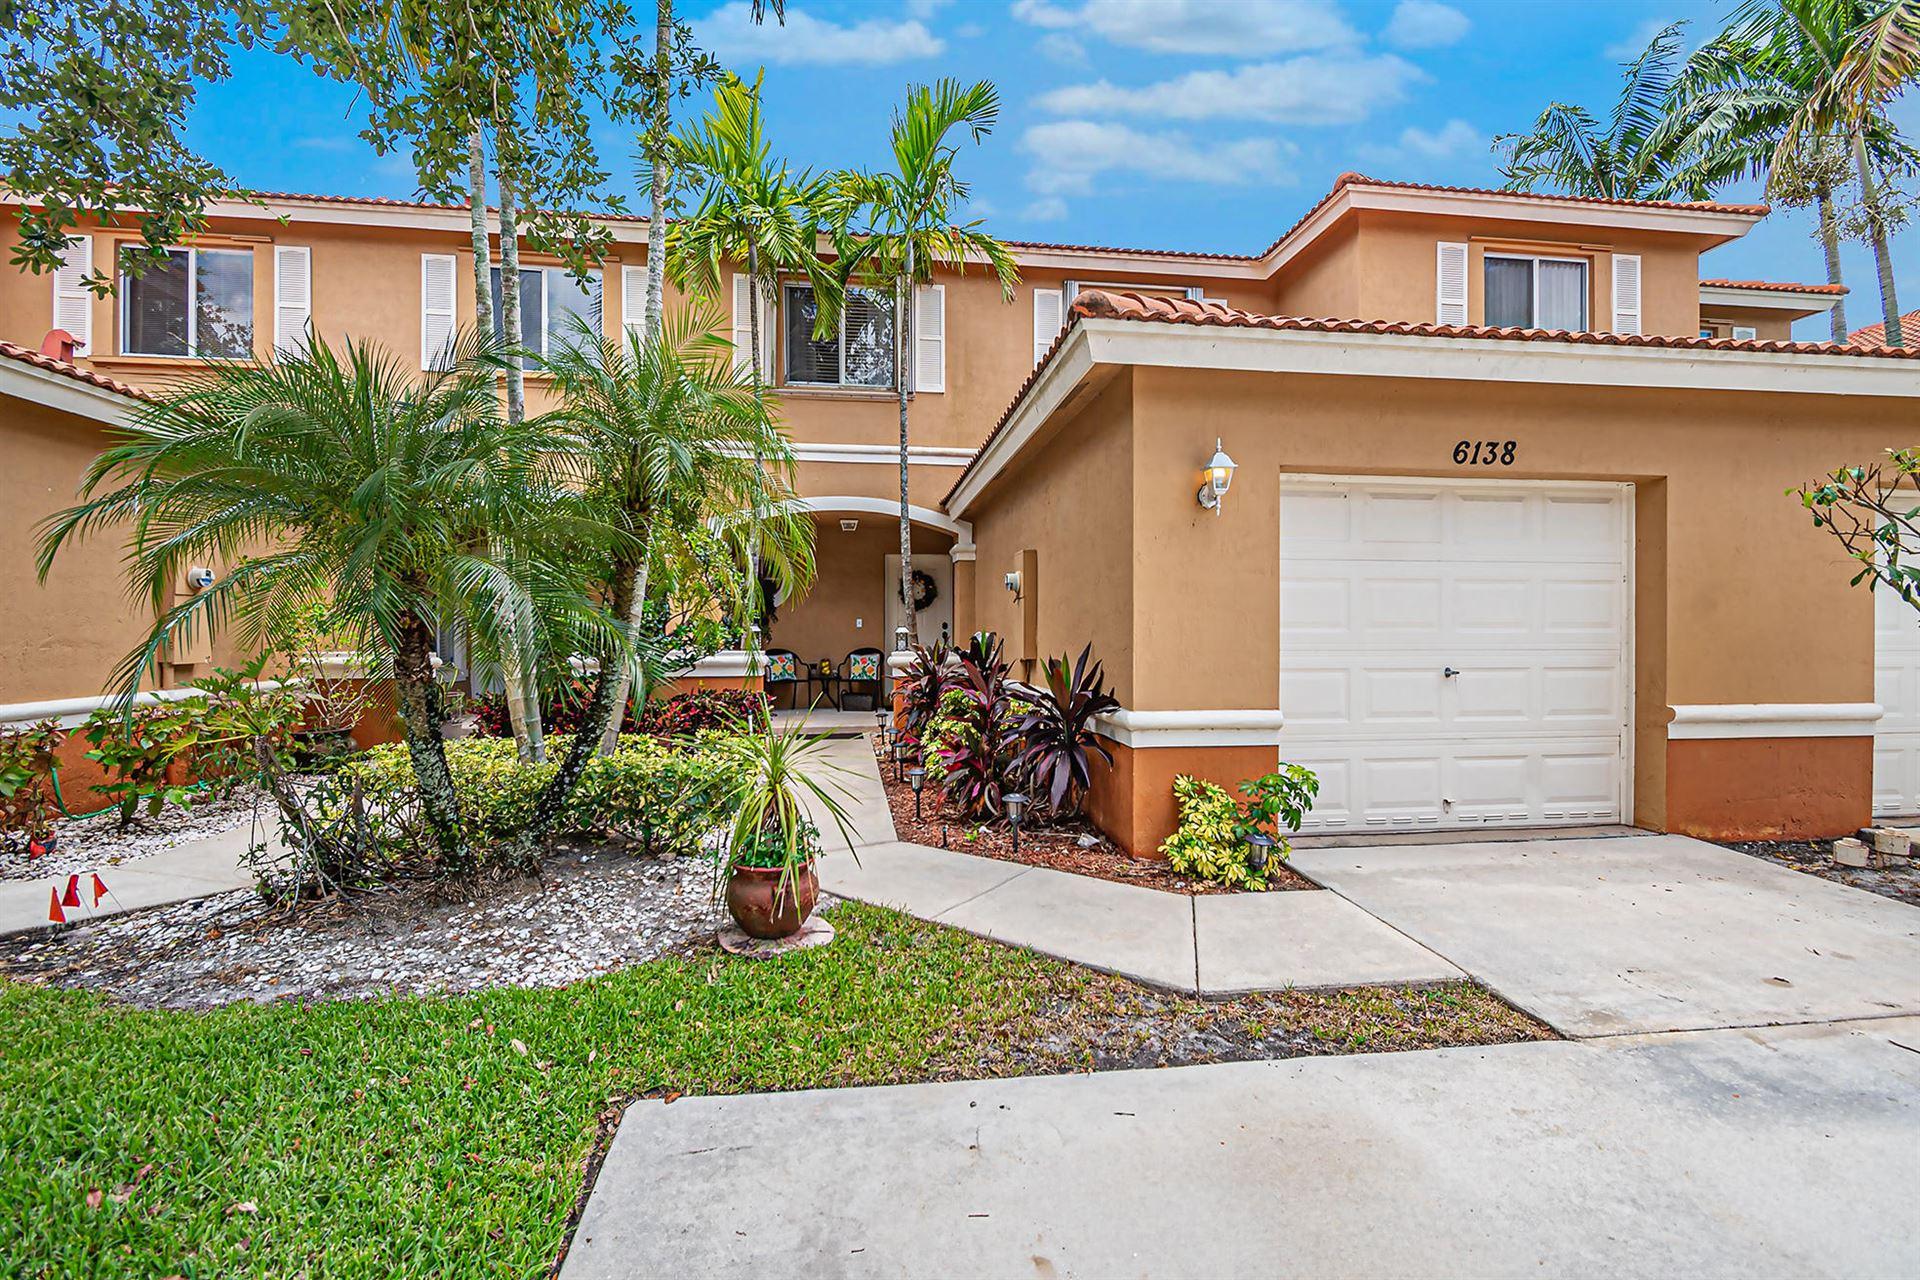 6138 SW Reynolds Street, West Palm Beach, FL 33411 - #: RX-10635734